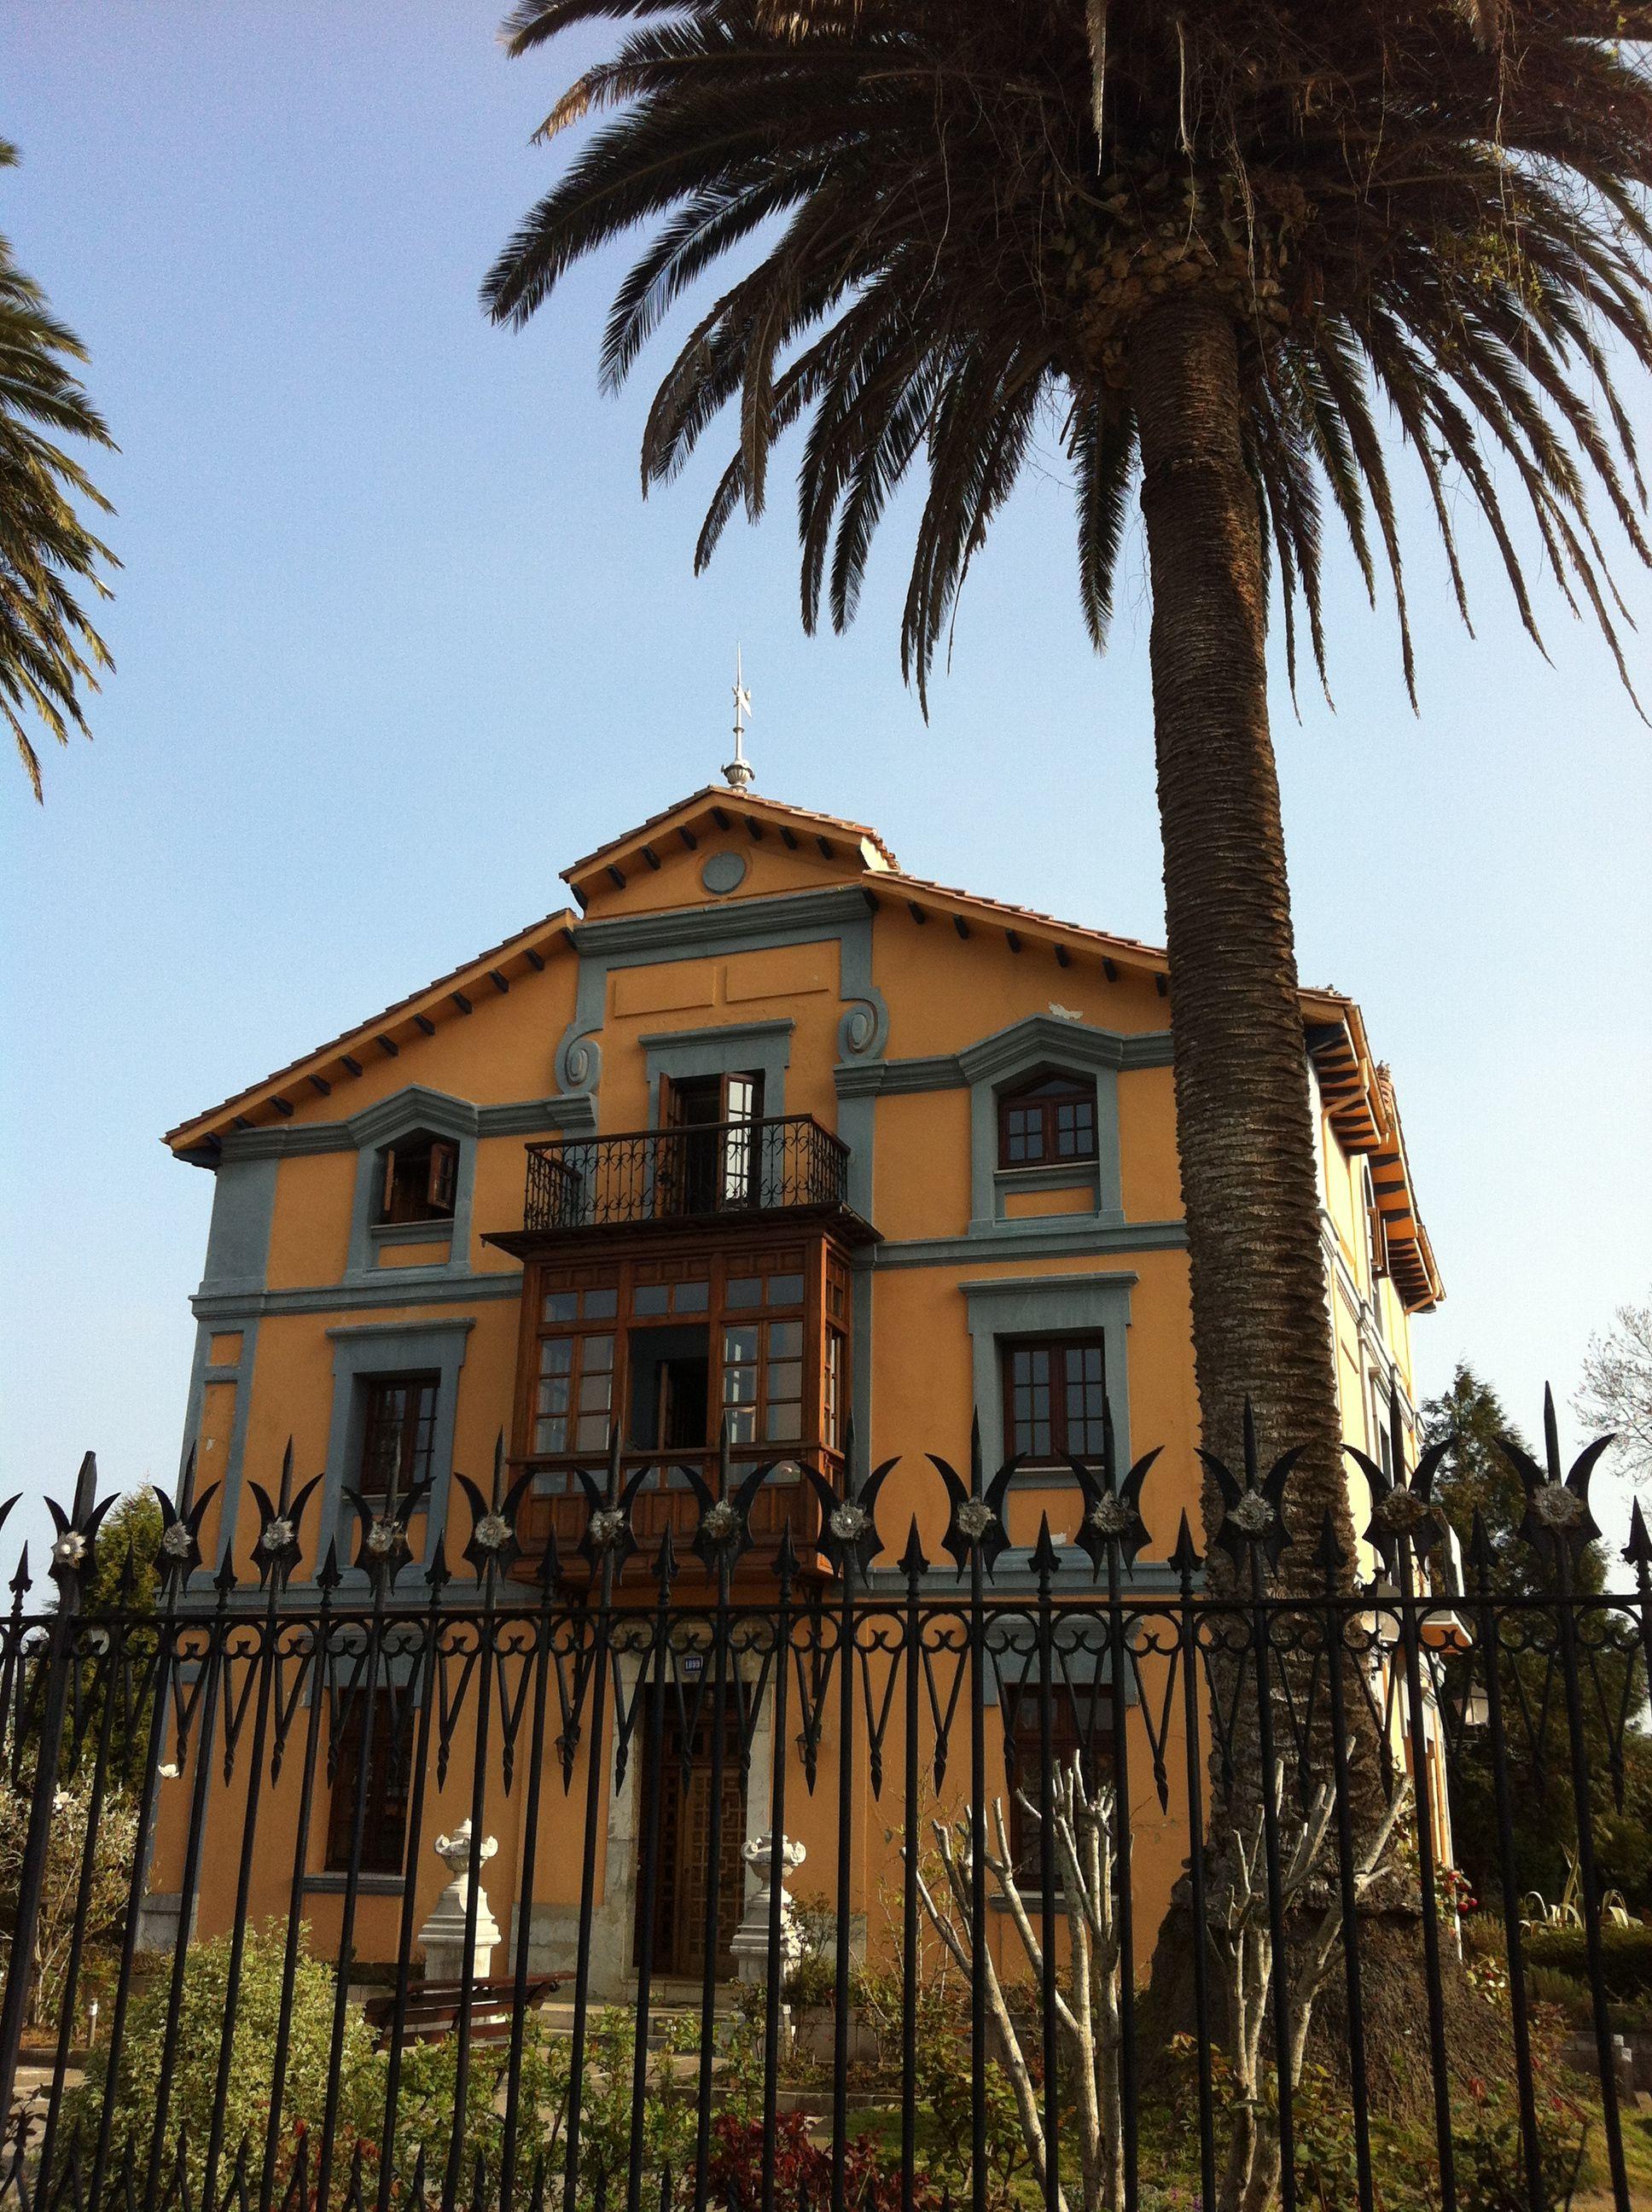 Casa de indianos en colombres asturias casas de indiano en el cant brico pinterest - Casa de asturias madrid ...